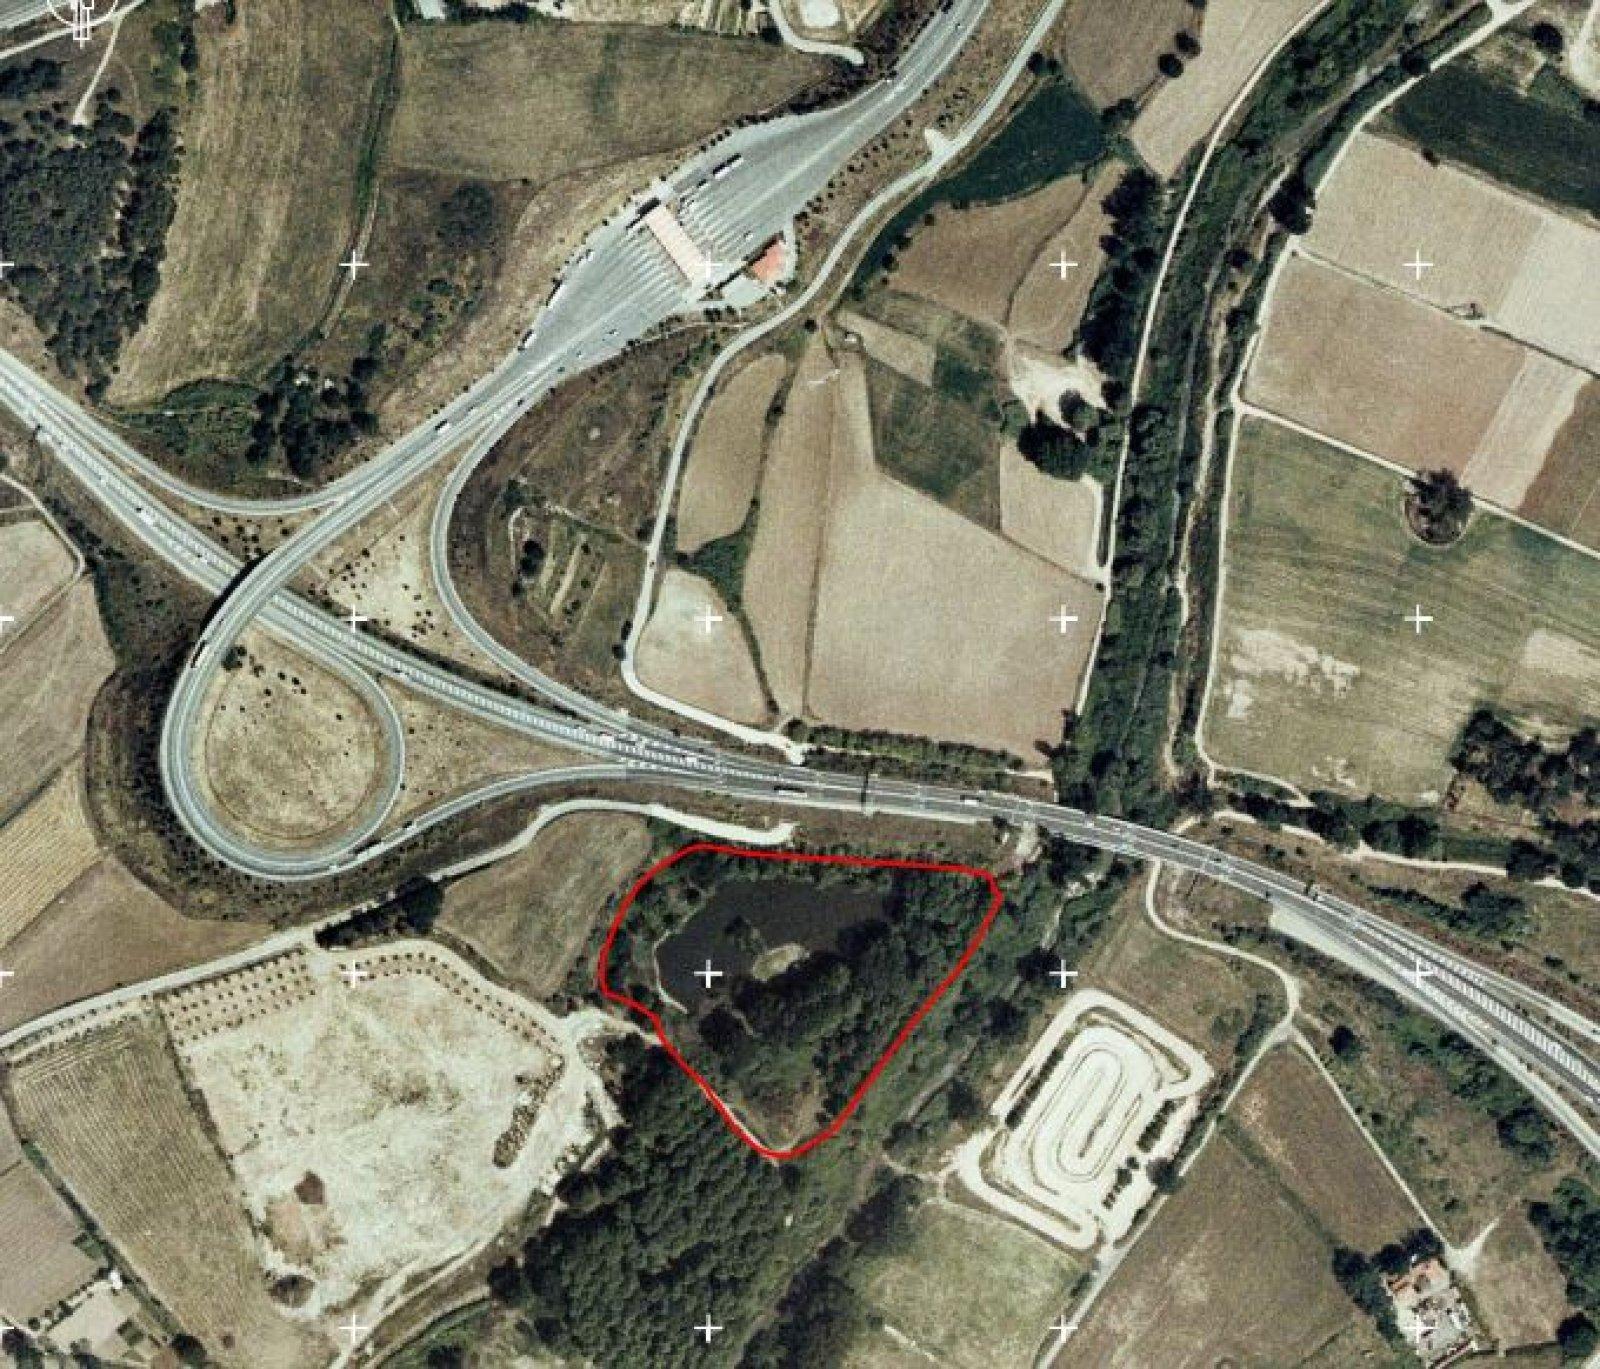 La Gravera d'en Segur, a La Roca del Vallès, reconstruïda artificialment després que l'original fos assecada en les obres del Quart Cinturó